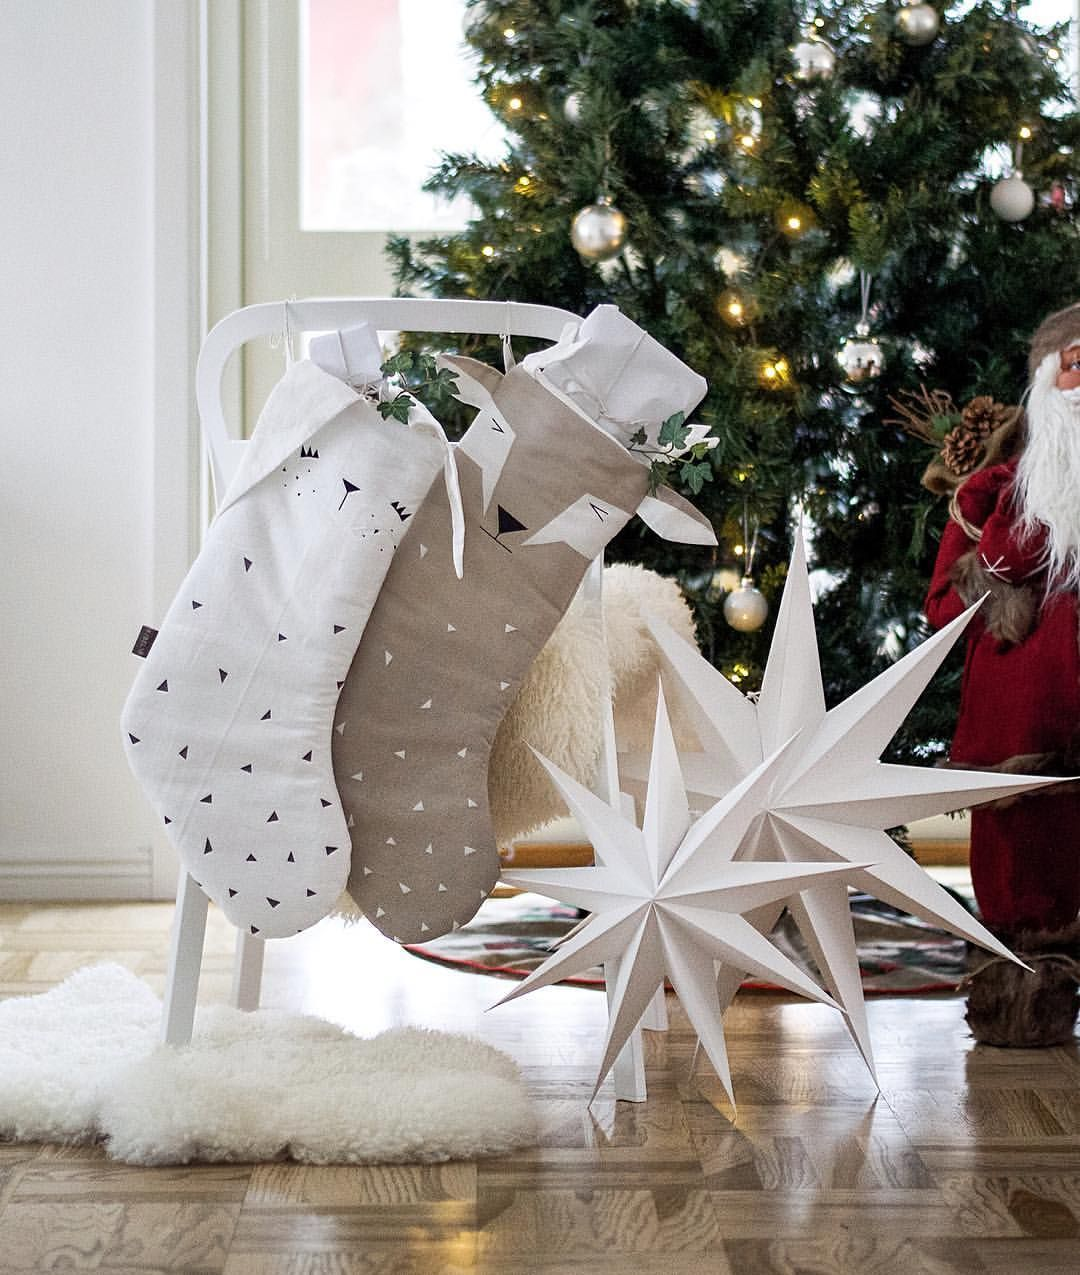 The Kids Christmas Stockings Soooo Cute Jag Har Inte Riktigt Hunnit Med Att Fota Ihelgen Men Dessa Supersota Holiday Decor Christmas Stockings Christmas